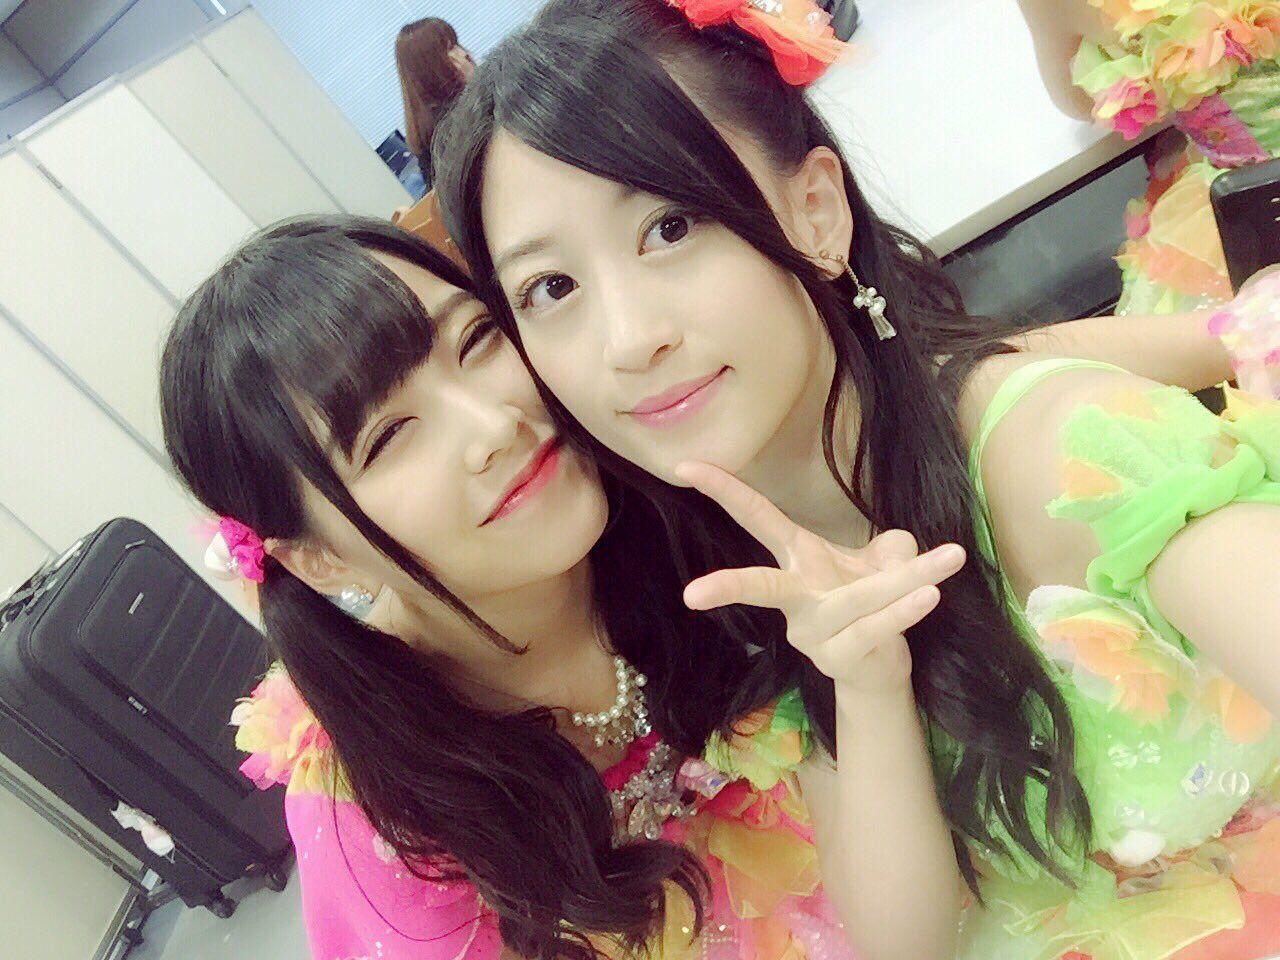 Miru Shiroma x Kei Jonishi  https://twitter.com/jonishi3/status/786585514300190721